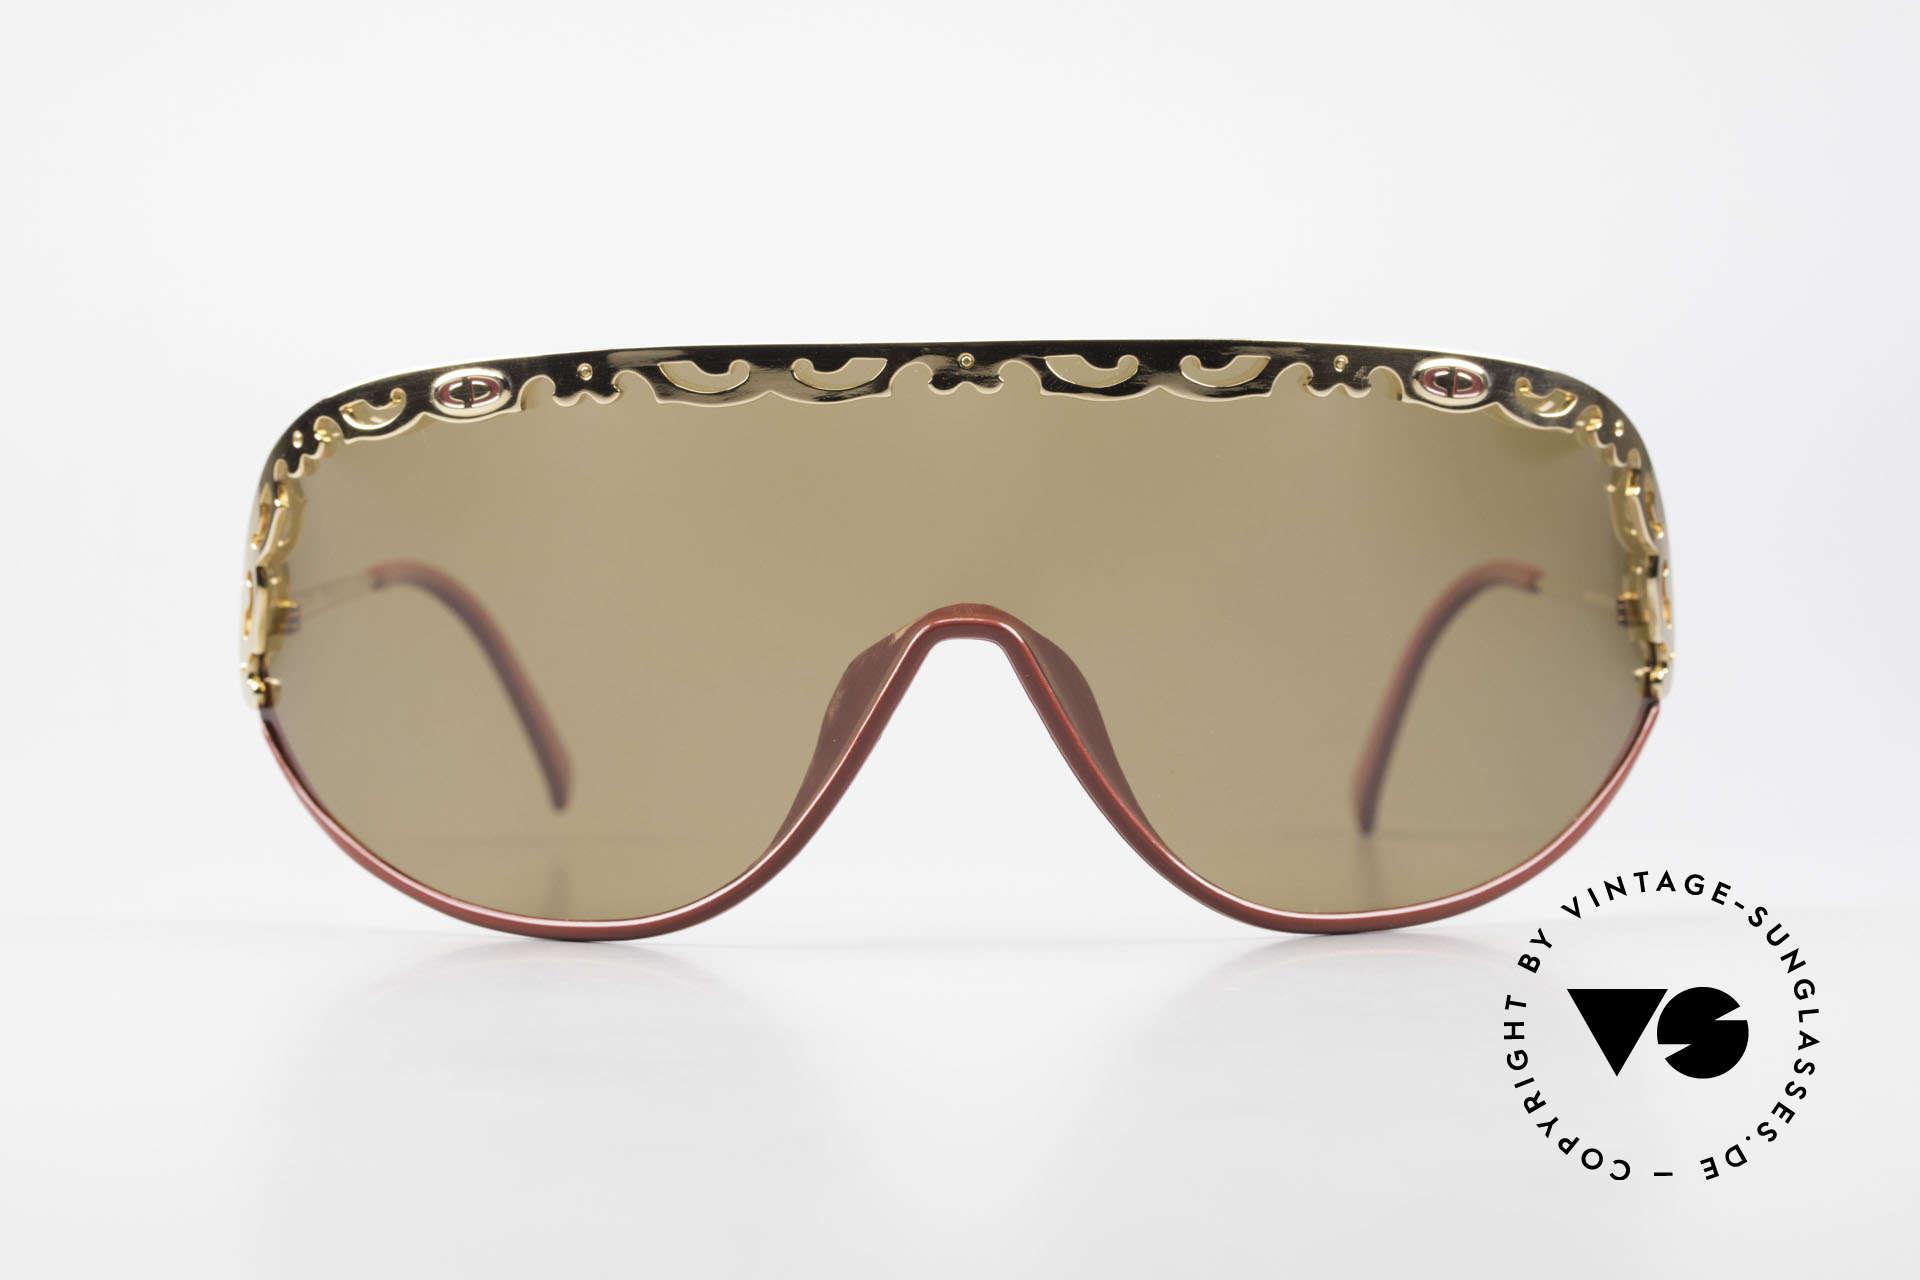 Christian Dior 2501 Panorama View Sonnenbrille, Dior Original mit einer durchgehenden Scheibe, Gr. XL, Passend für Damen